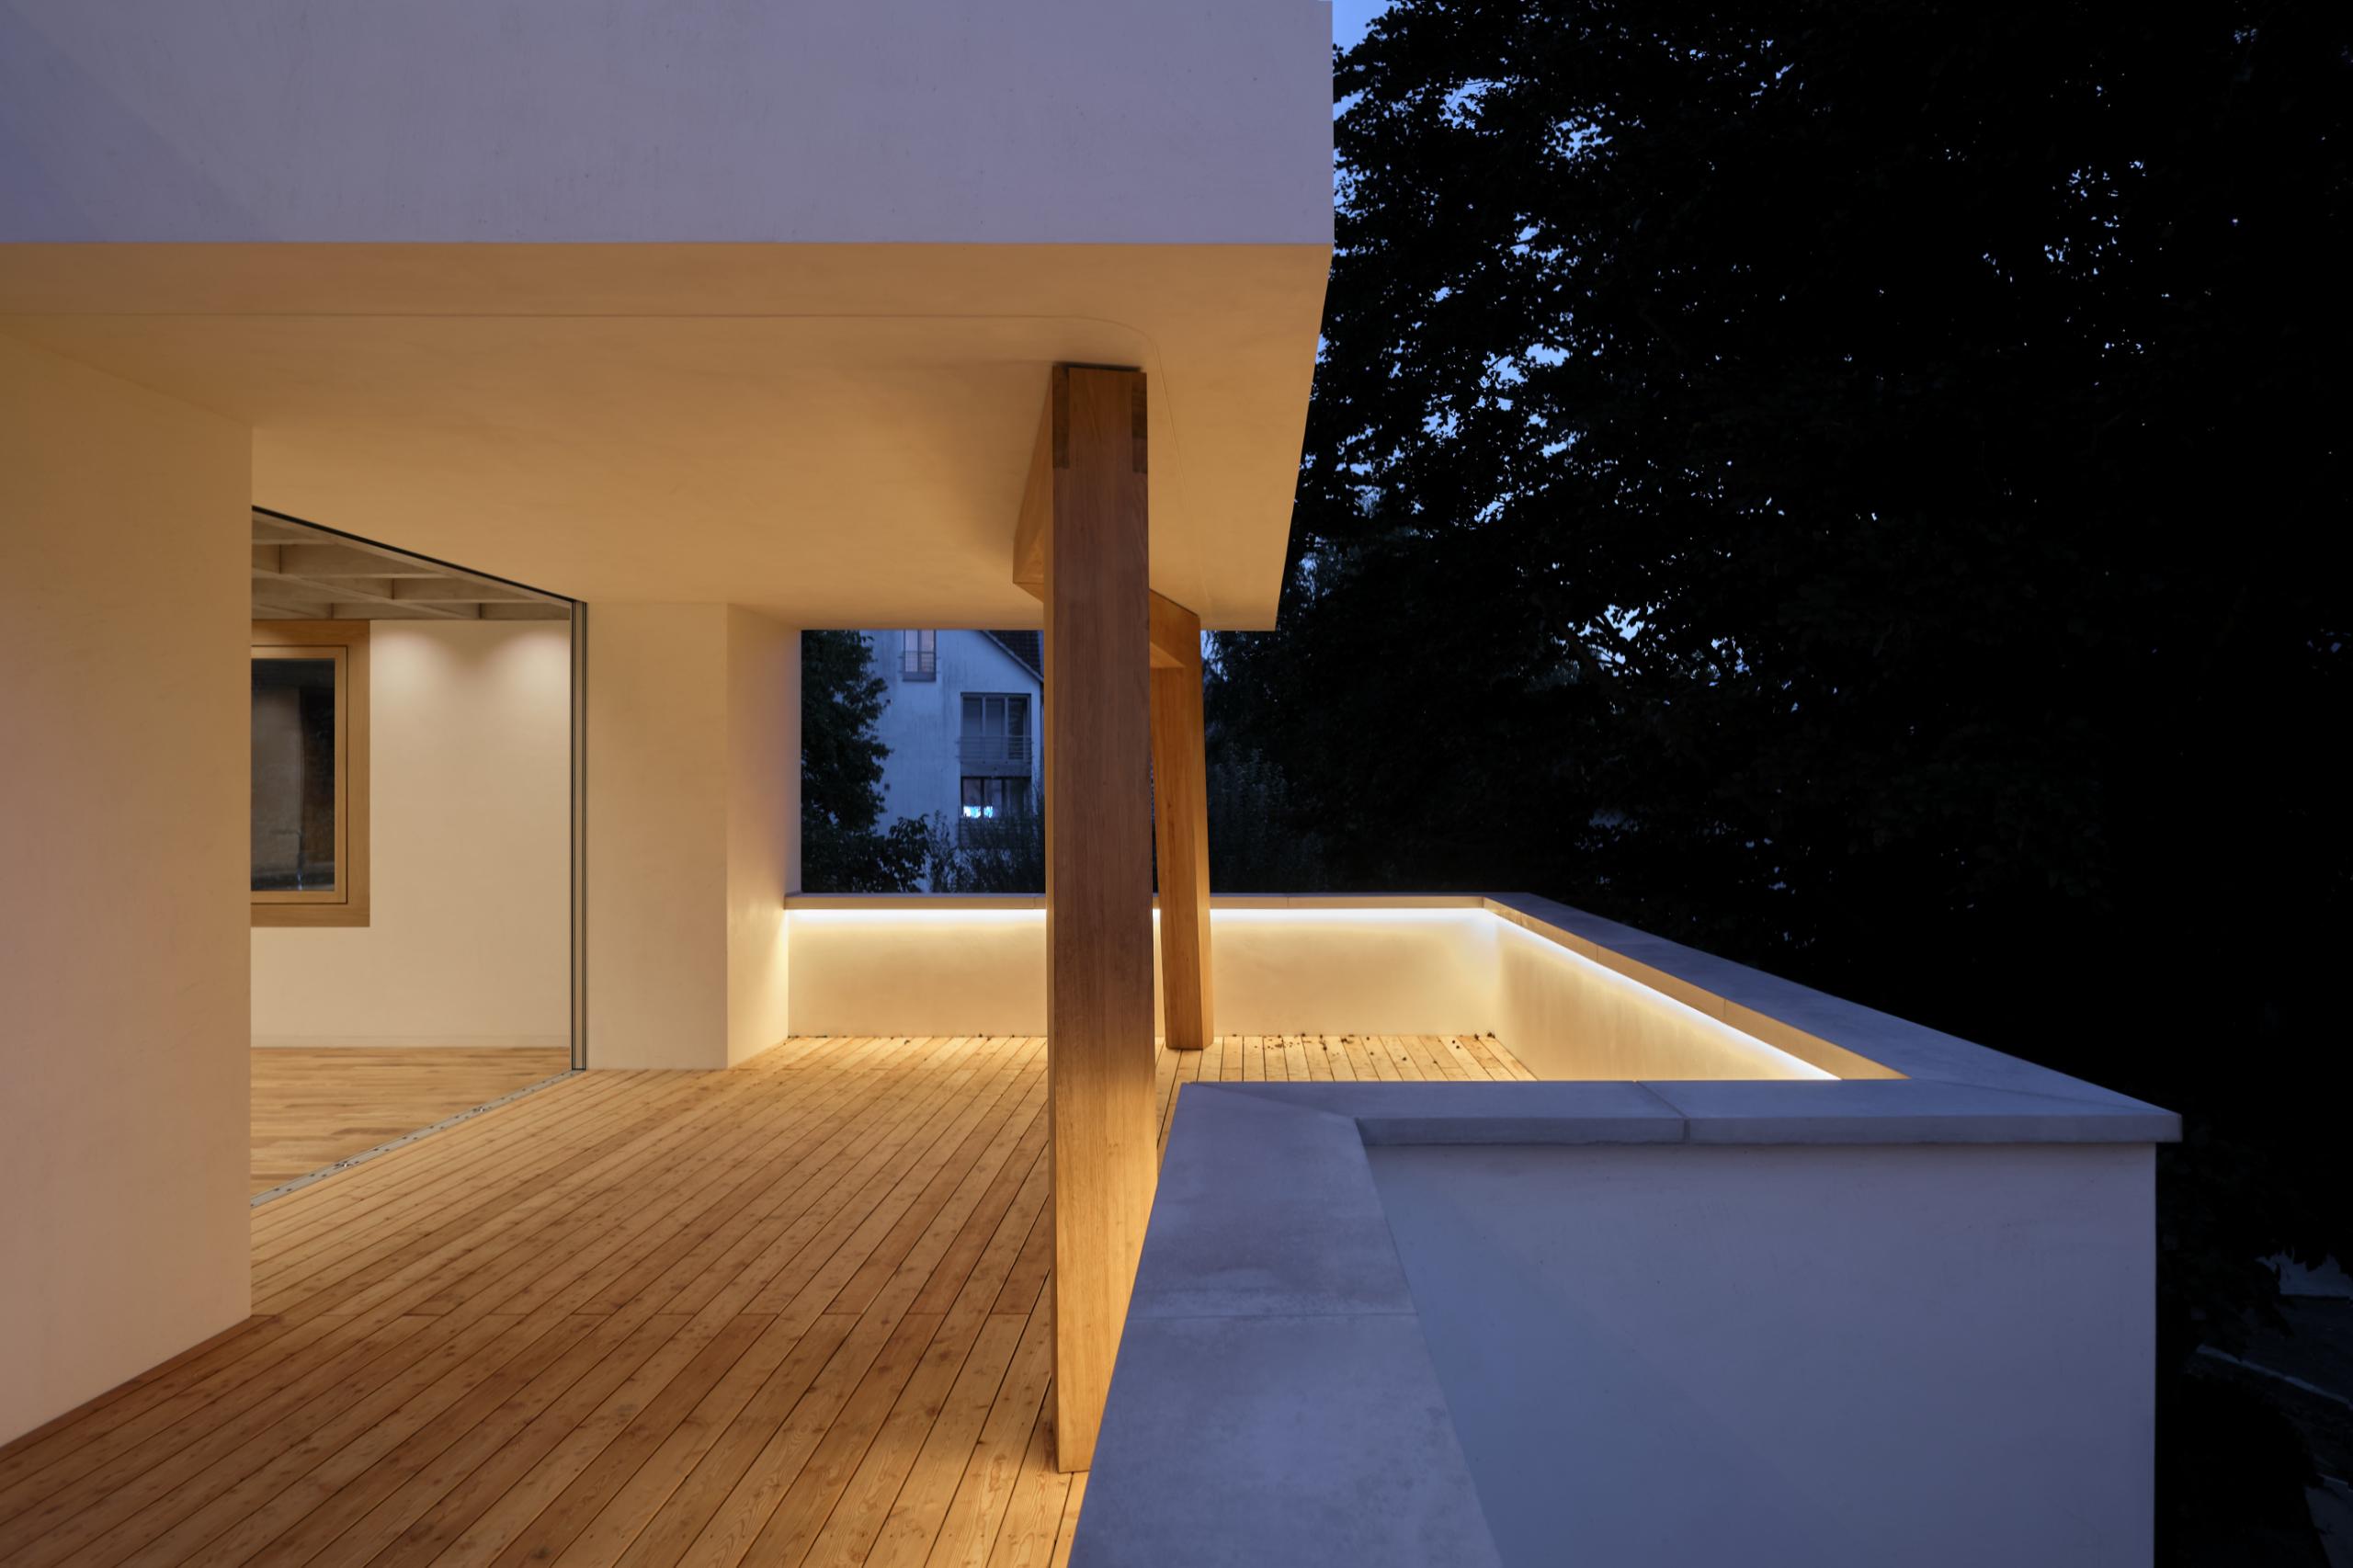 Haus Holdergasse, Terrasse bei Nacht, BE Architekten, Olex, Oliver Lins